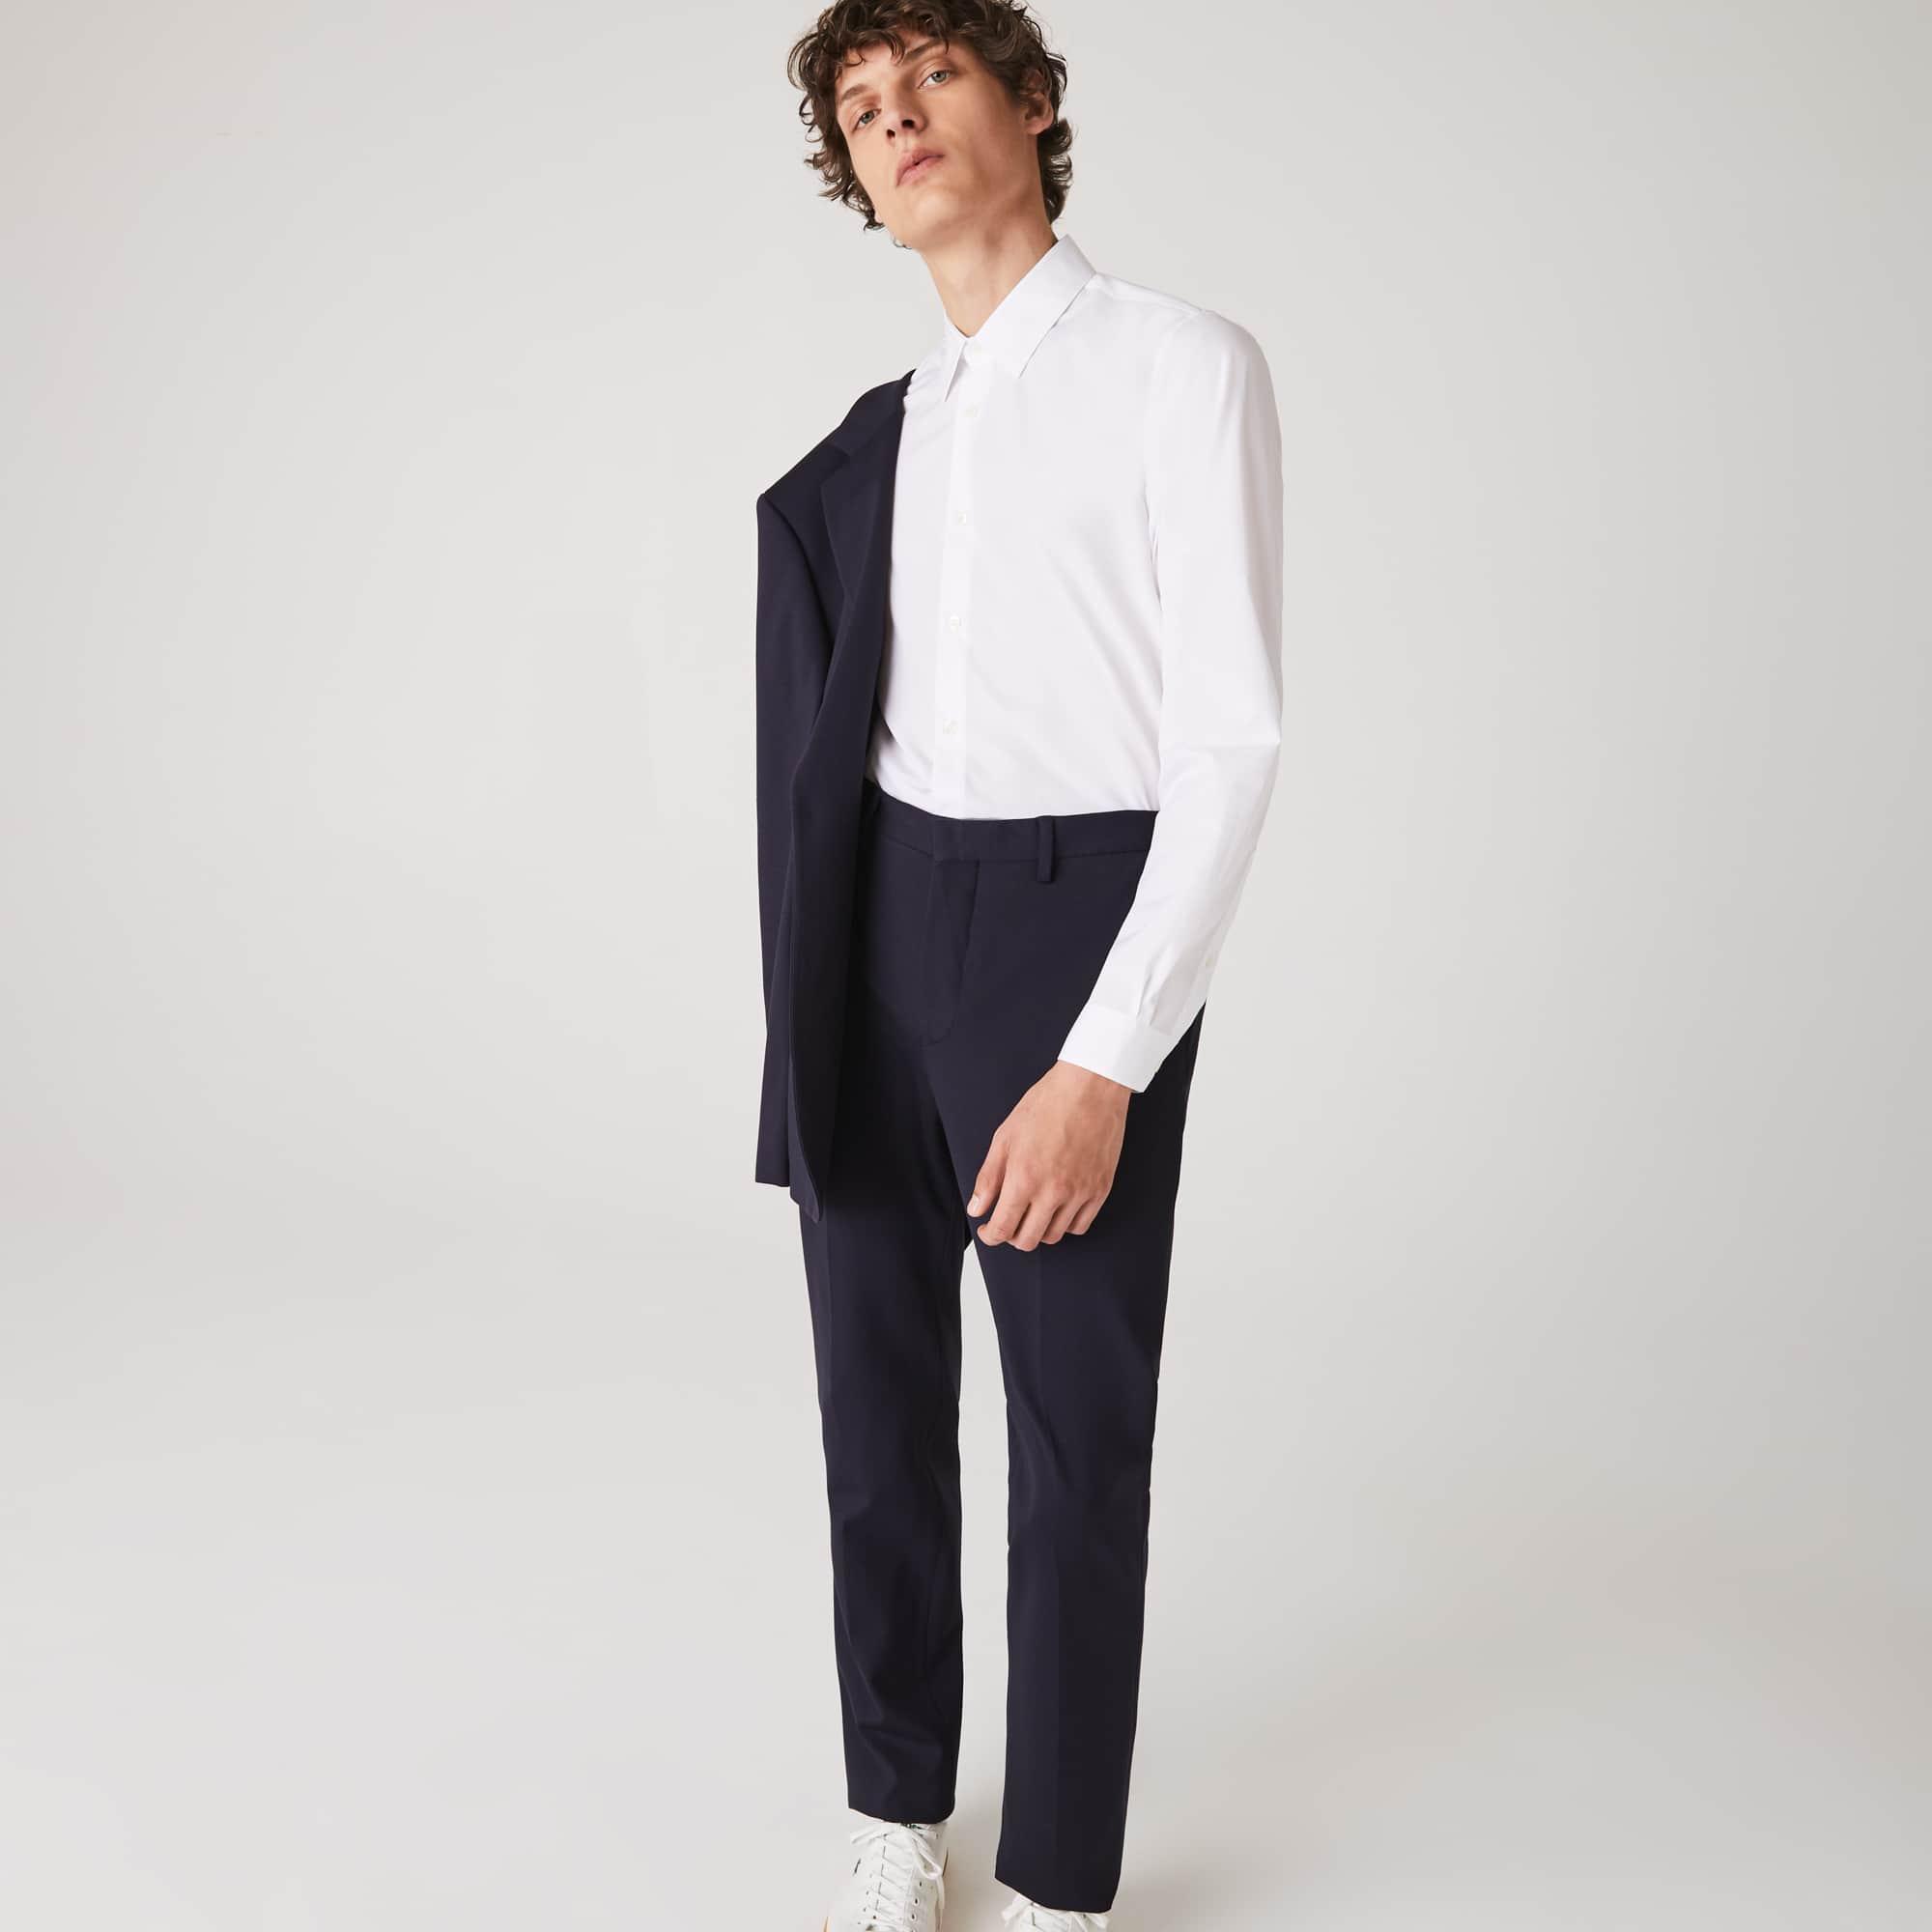 라코스테 맨 프리미엄 코튼 포플린 셔츠 Lacoste Mens Regular Fit Premium Cotton Poplin Shirt